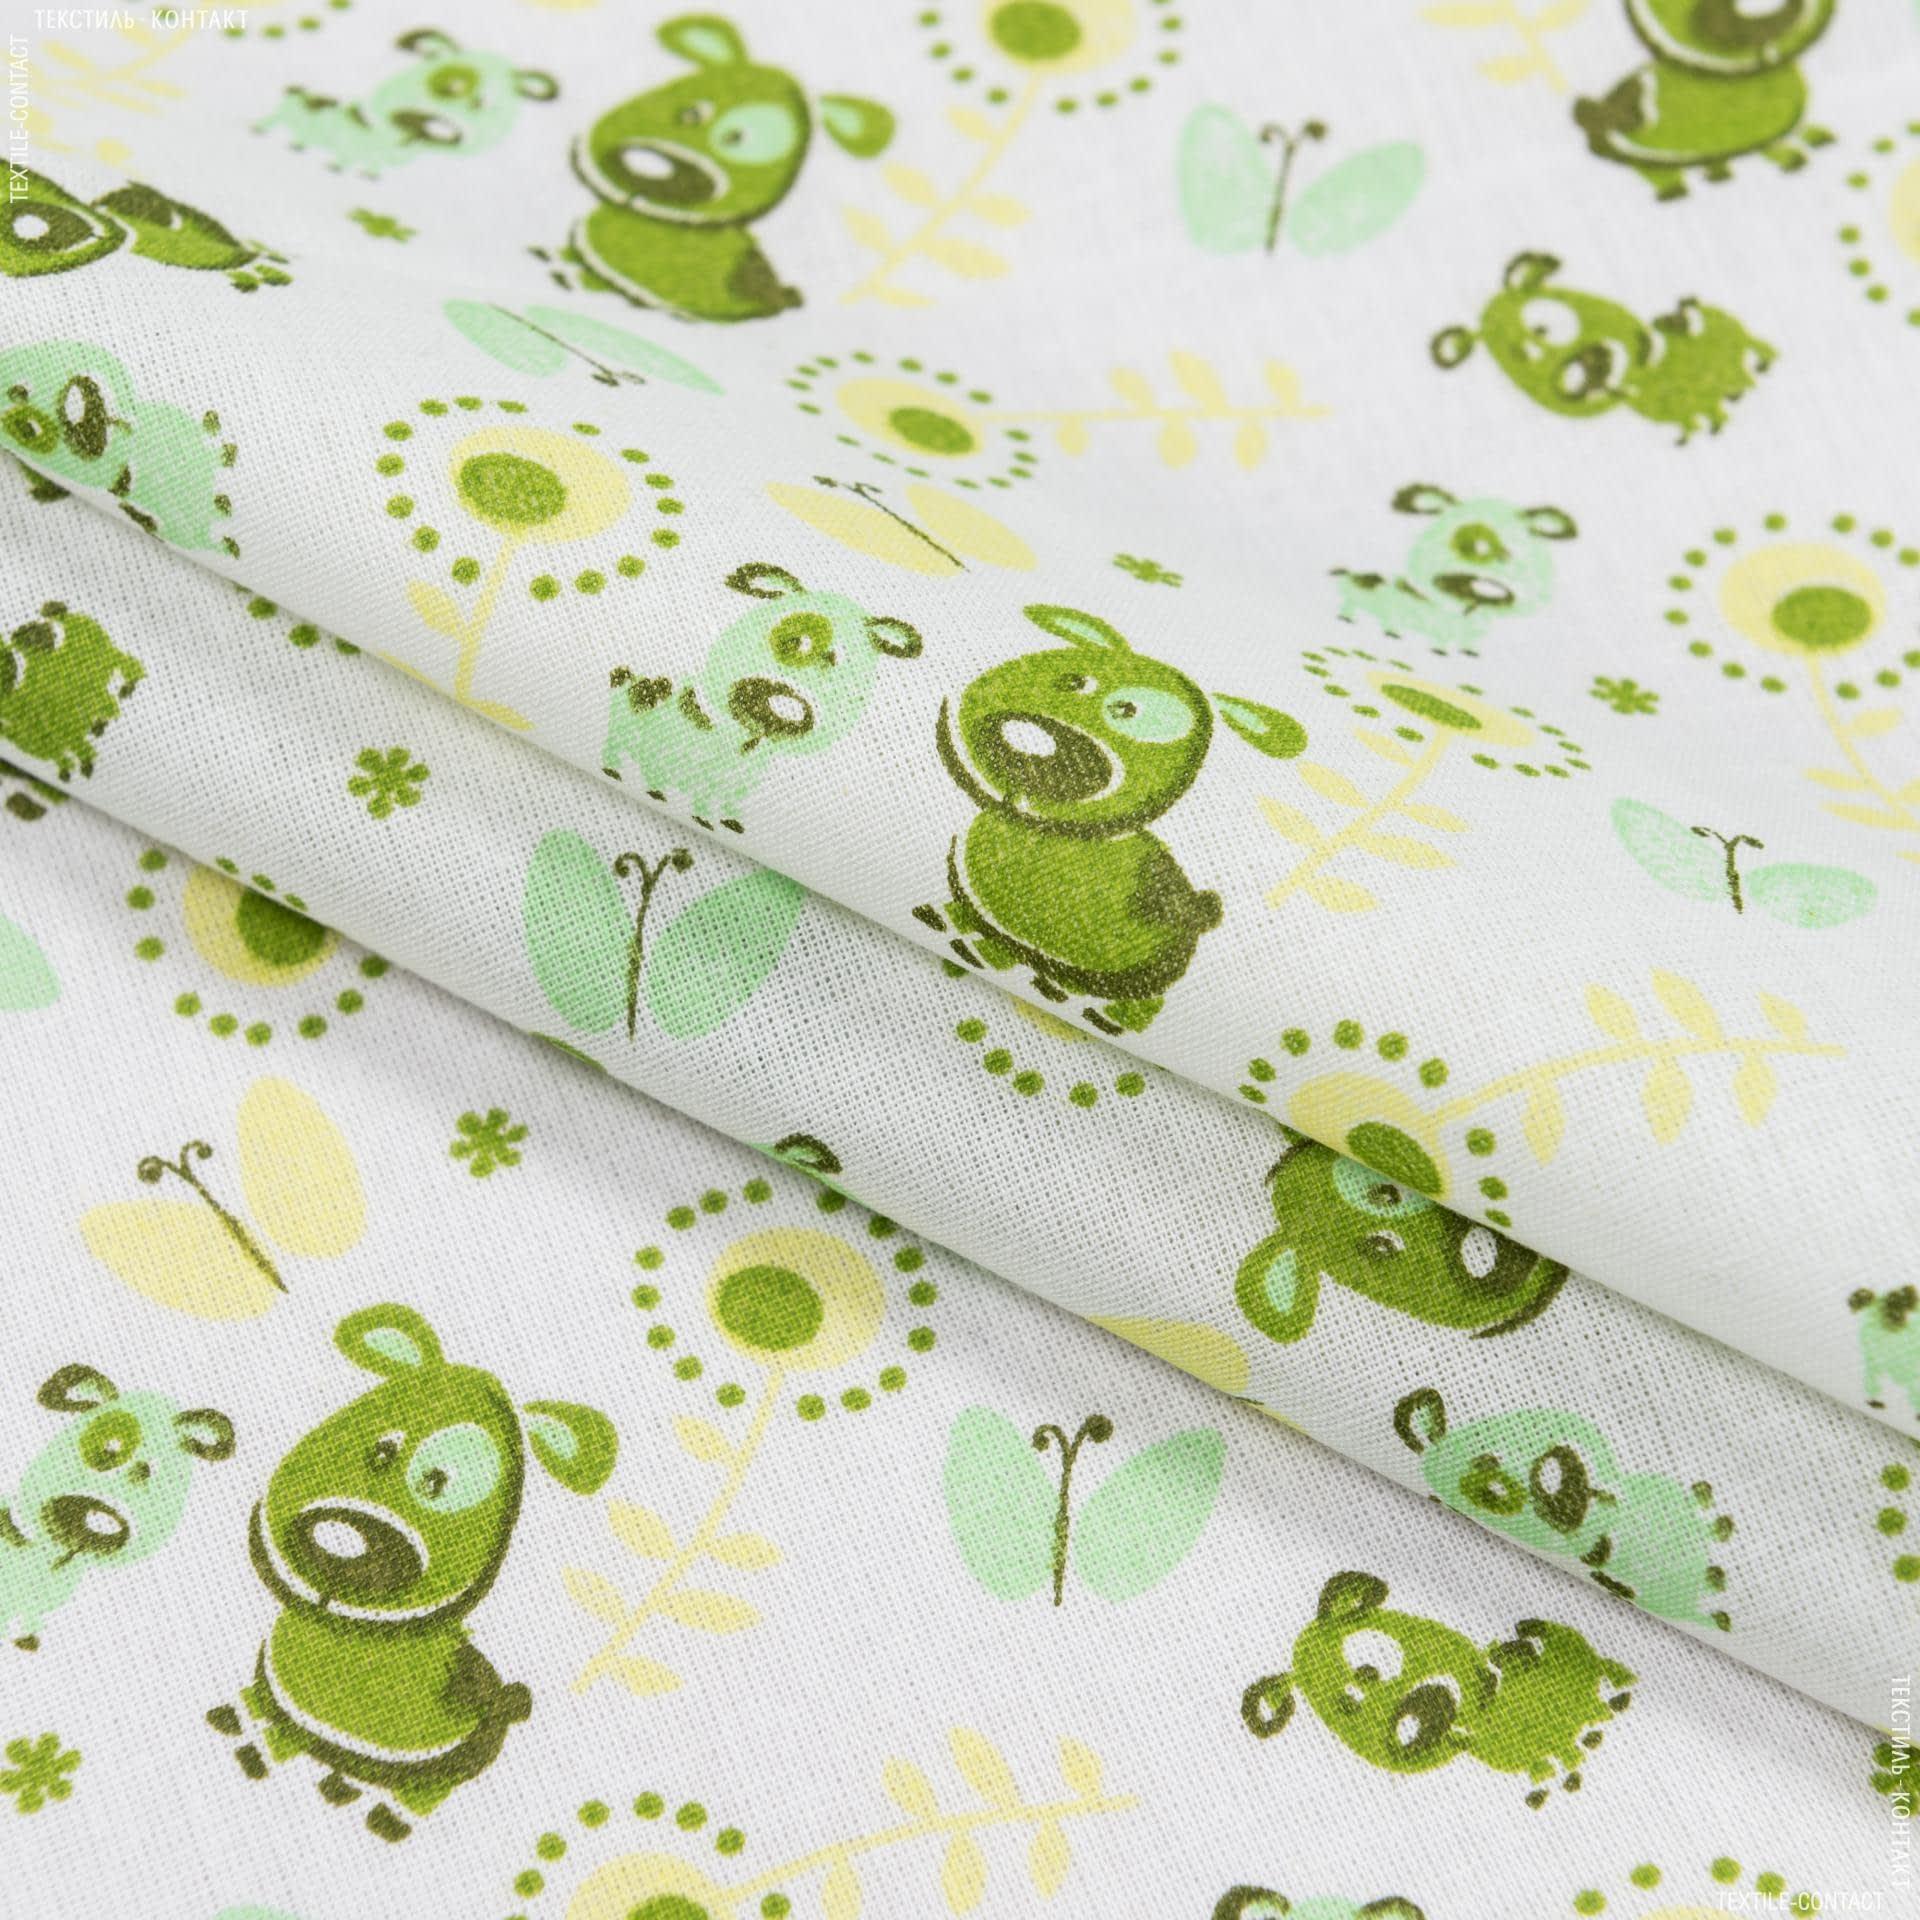 Тканини для дитячого одягу - Ситець 67-ТКЧ  дитячий